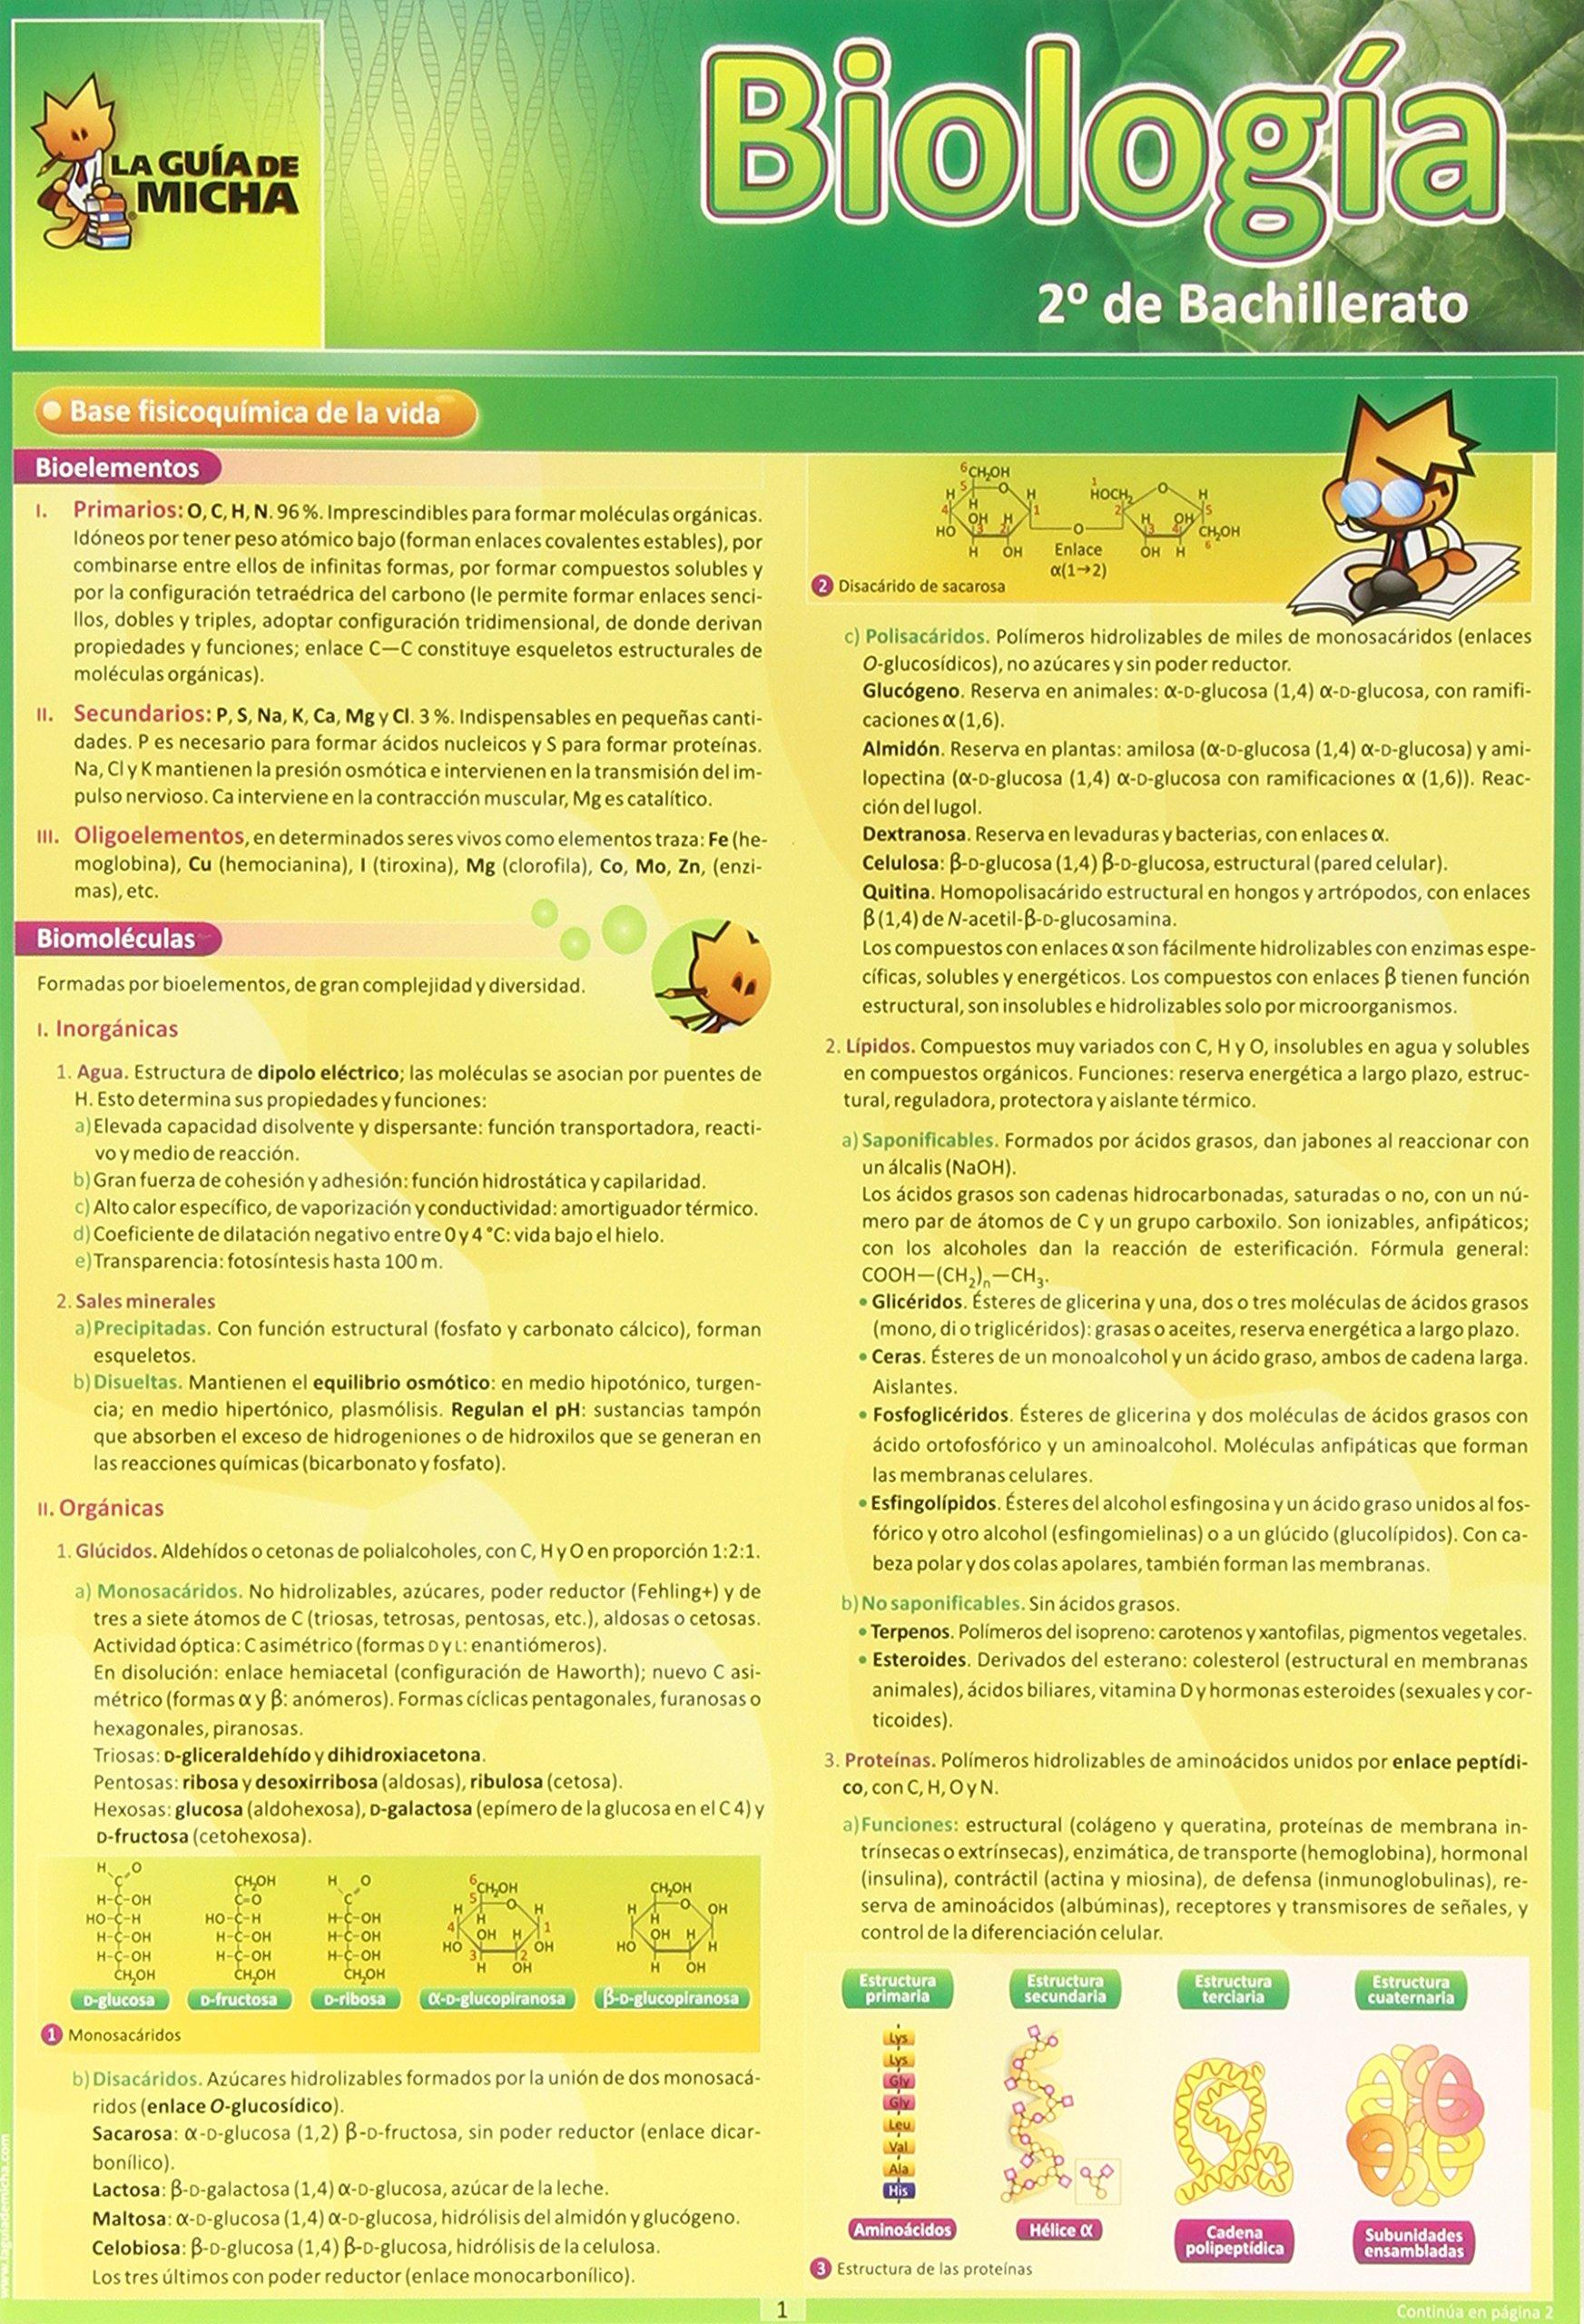 La Guía de Micha: Biología 2º de Bachillerato Guia De Micha - 9788493664008: Amazon.es: María del Carmen Pedrajas Sánchez: Libros